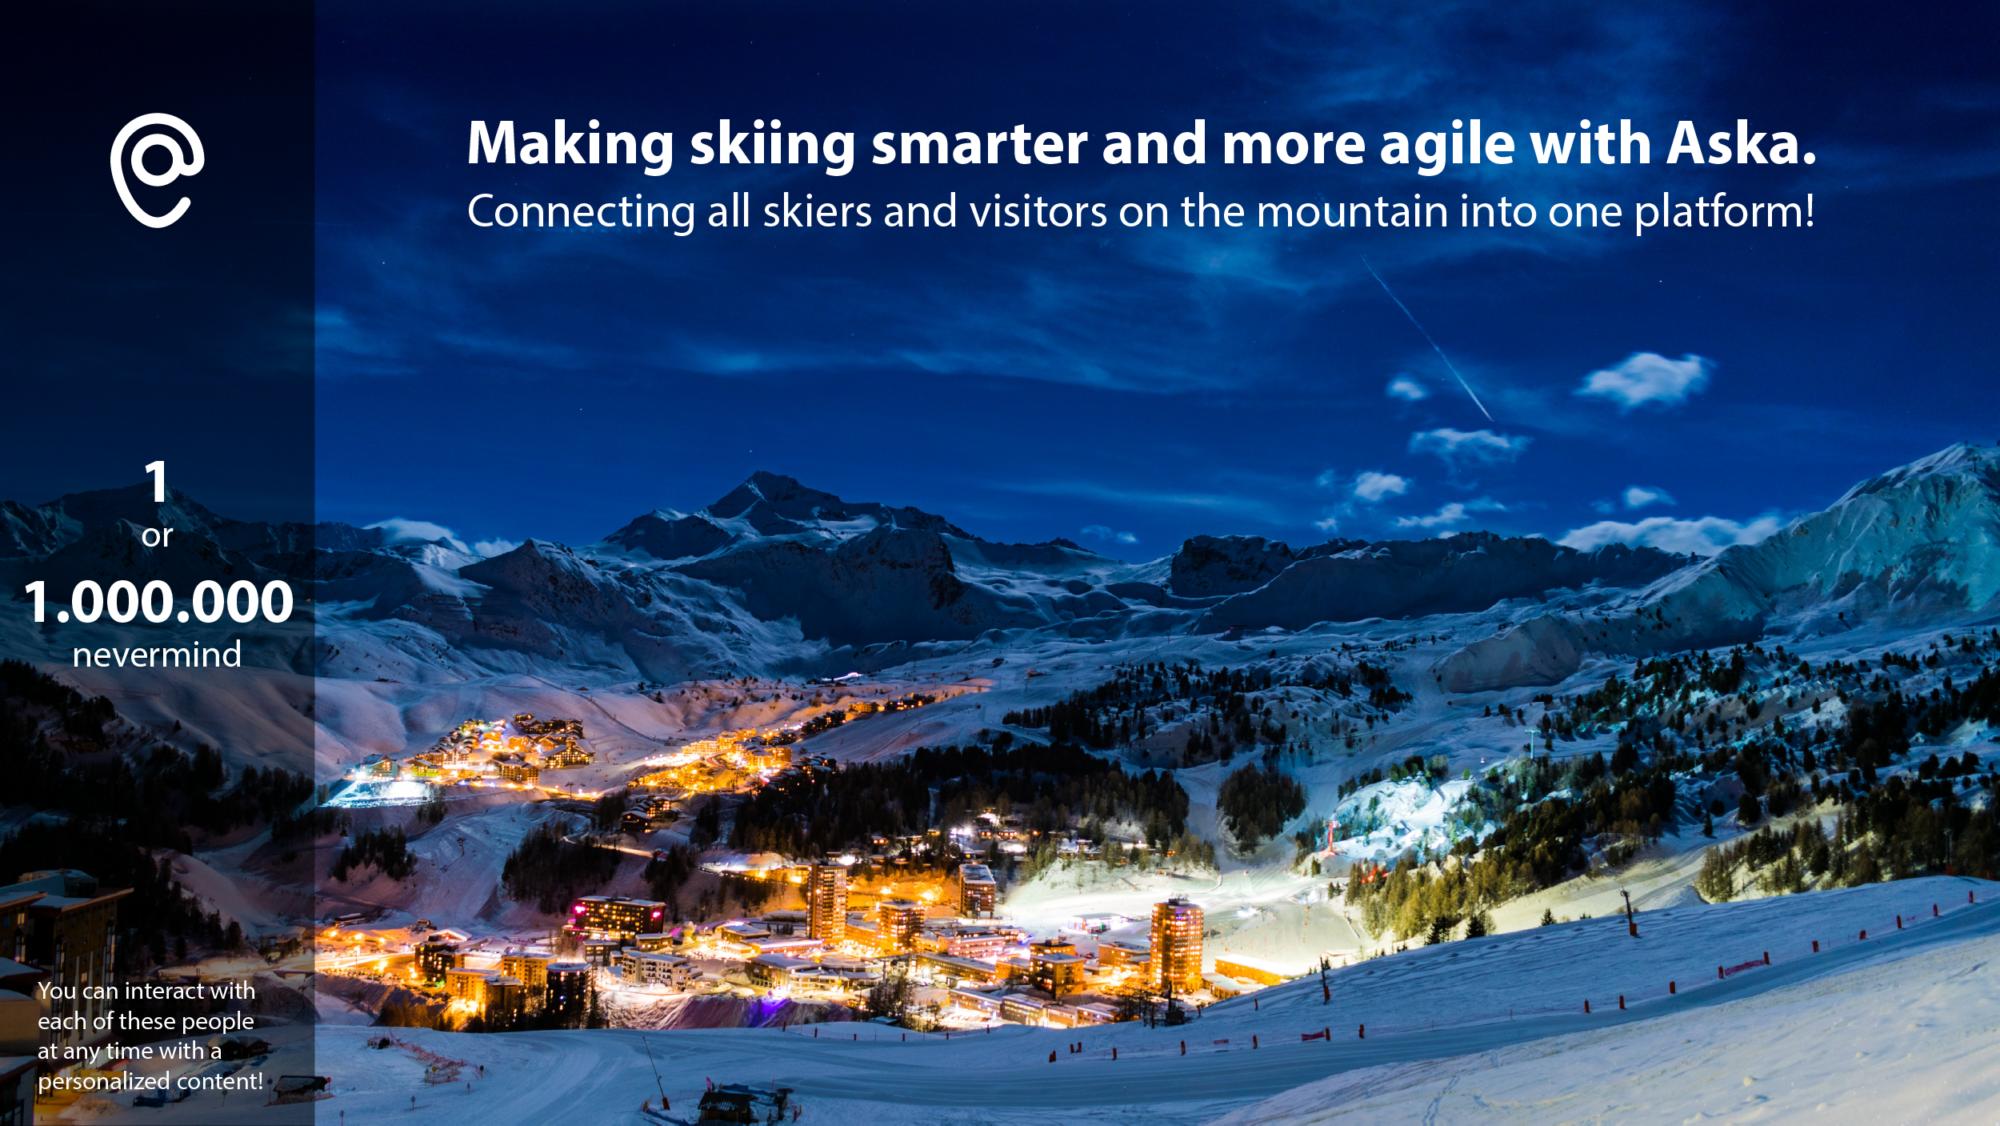 Aska Smart Ski Resort